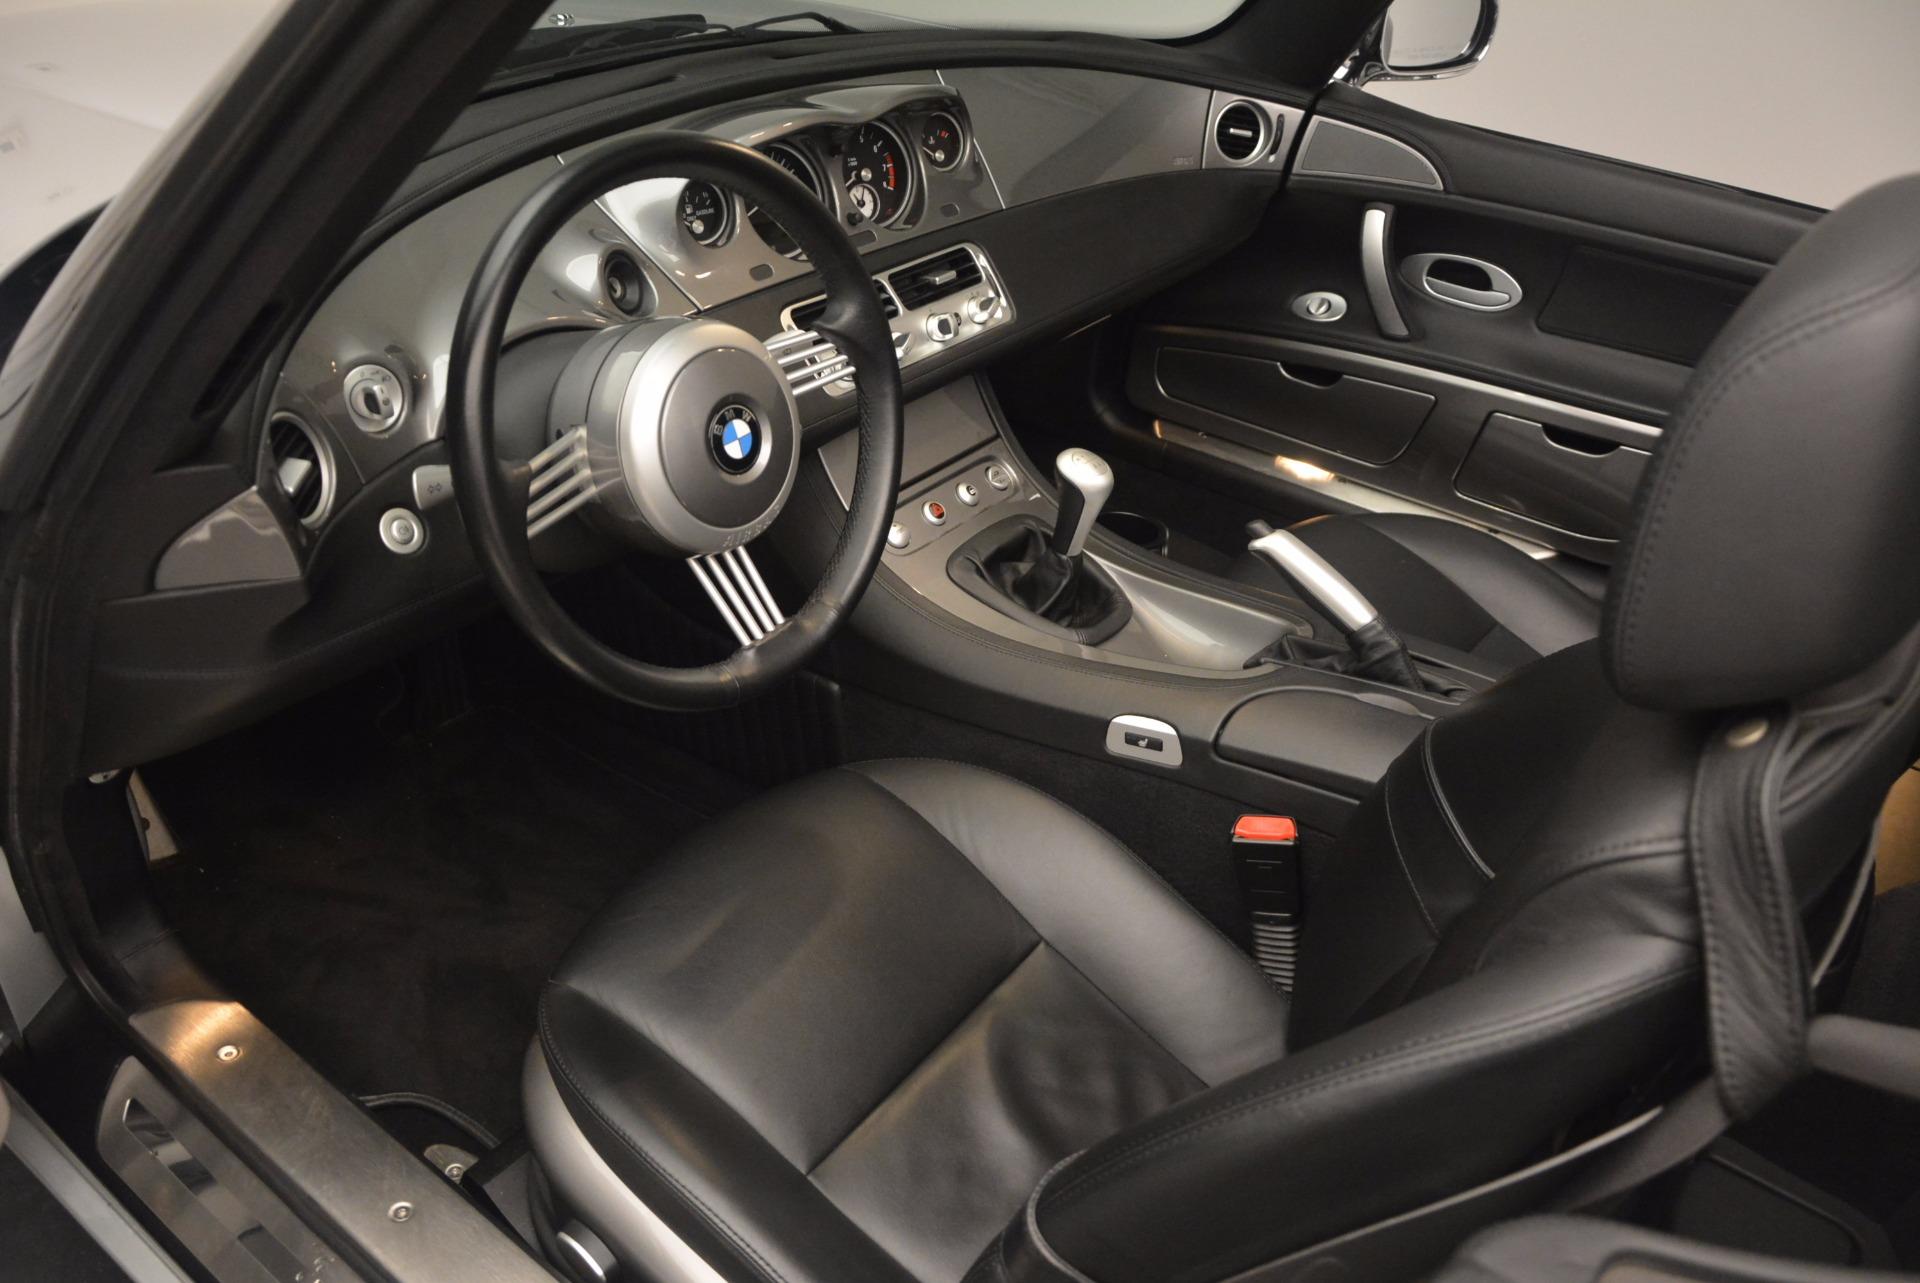 Used 2001 BMW Z8